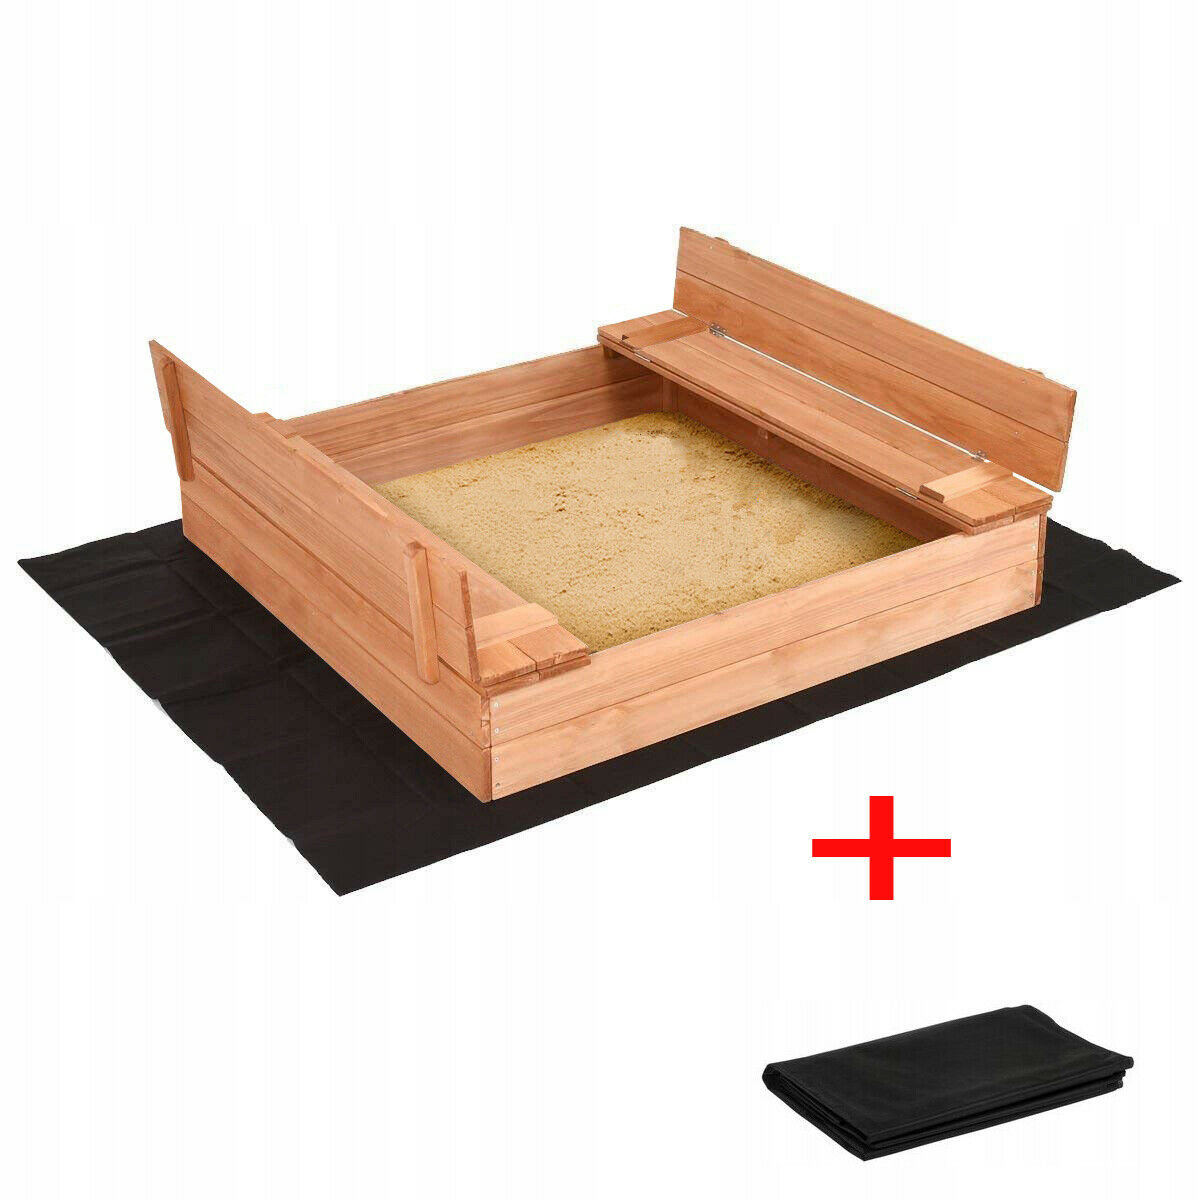 Sandkasten Sandbox mit Deckel SITZBÄNKEN Sandkiste Holz 120x120 150x150 AUSWAHL